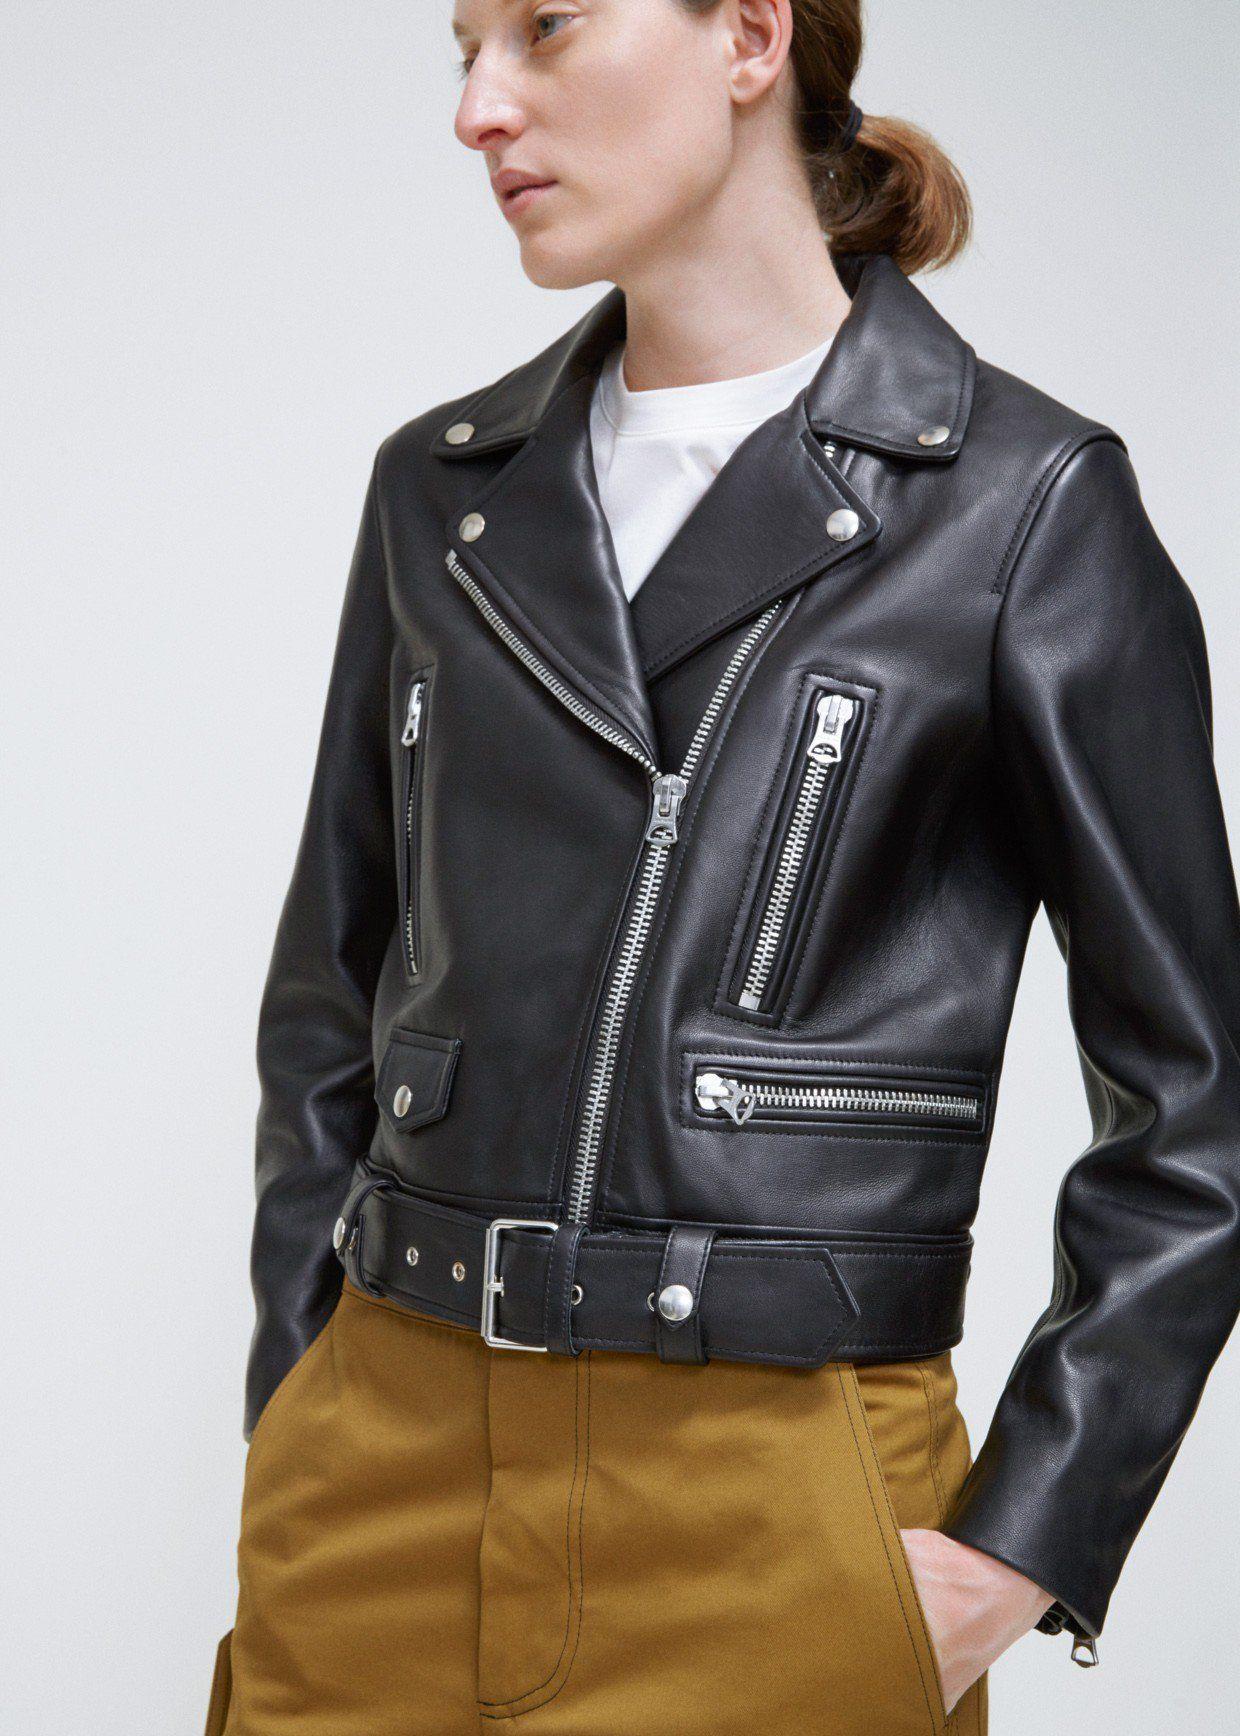 Acne Studios Leather Jacket Leather Jacket Leather Jackets Women Fashion [ 1736 x 1240 Pixel ]